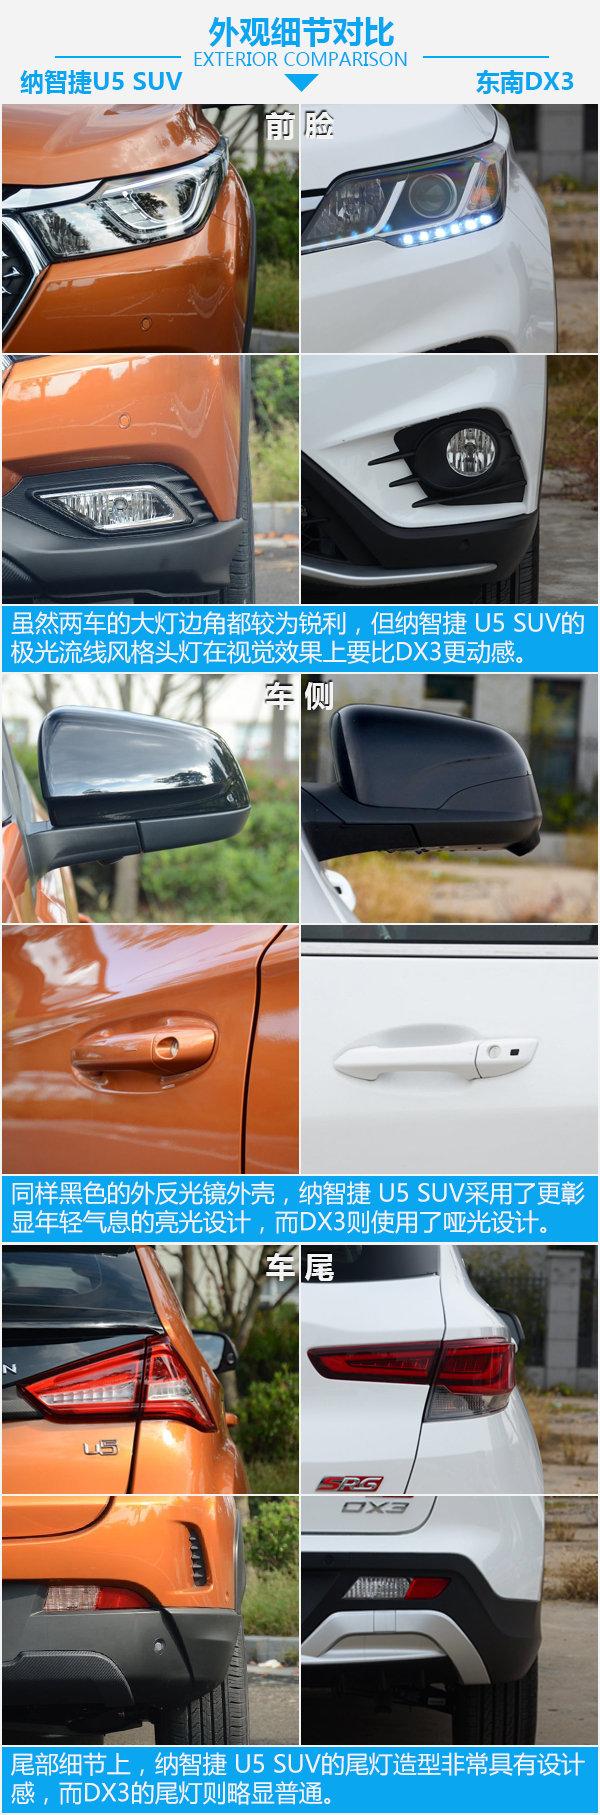 寻找聪明的青春良伴 纳智捷U5 SUV对比东南DX3-图5